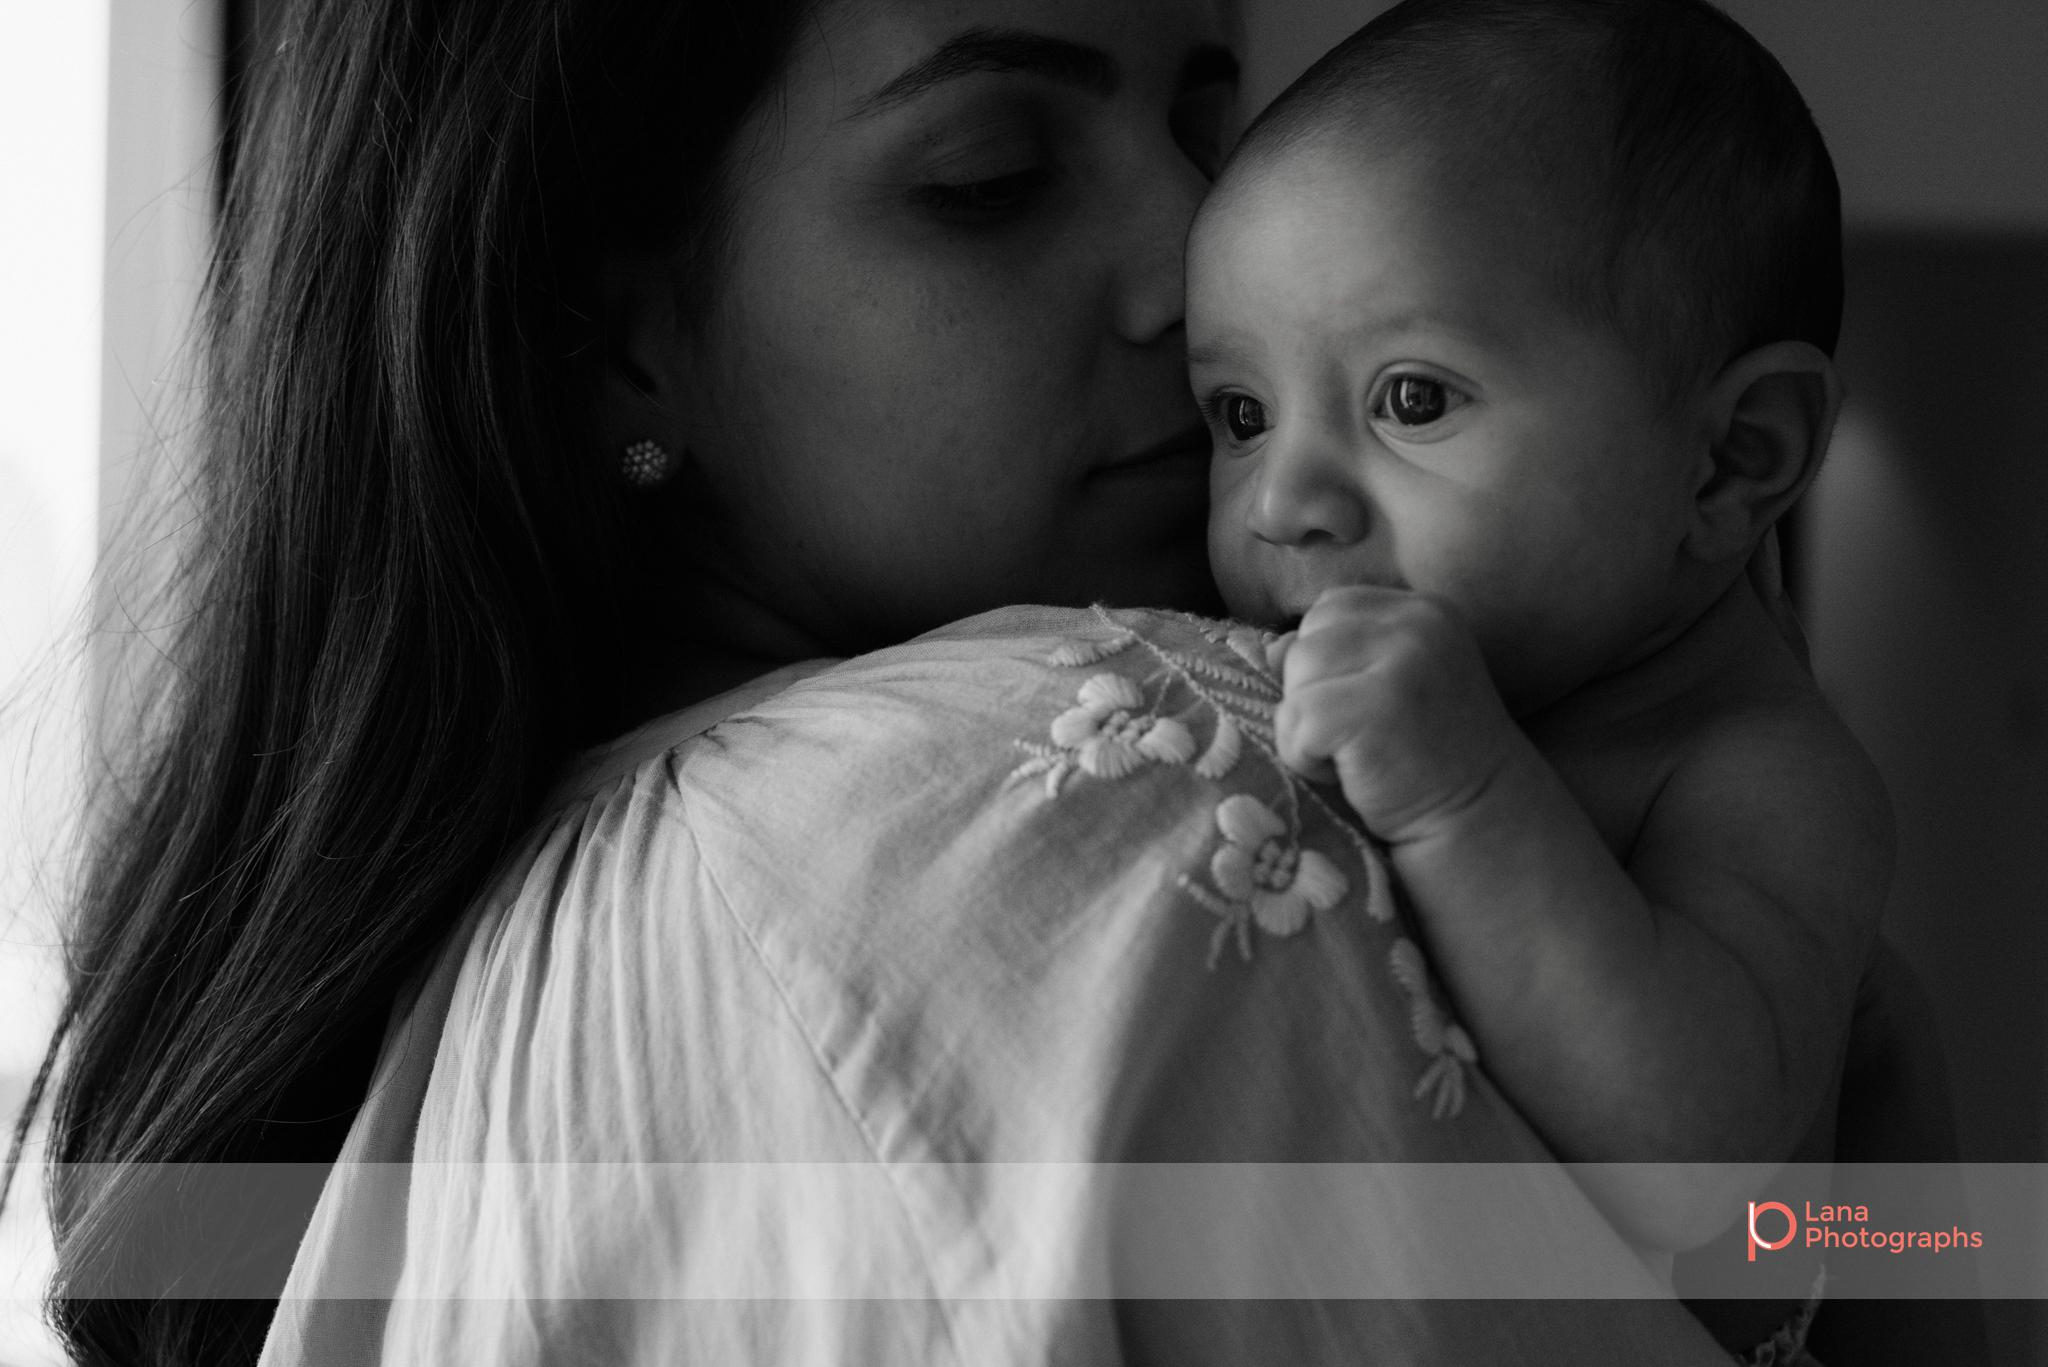 Lana-Photographs-Dubai-Family-Photographer-Noura-34.png